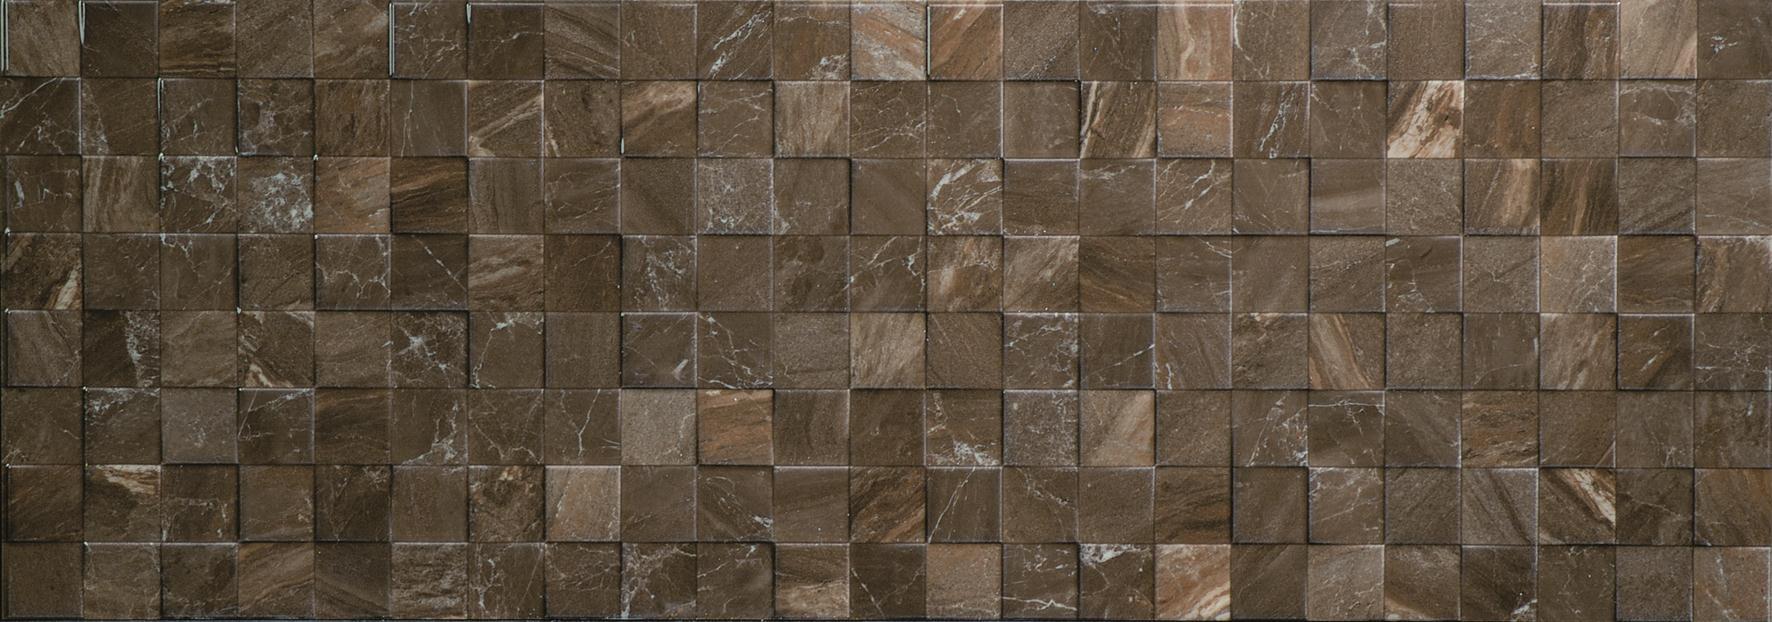 Porcelanosa mosaico recife pulpis 31 6 x 90 cm maison premaison prestige for Porcelanosa tiles